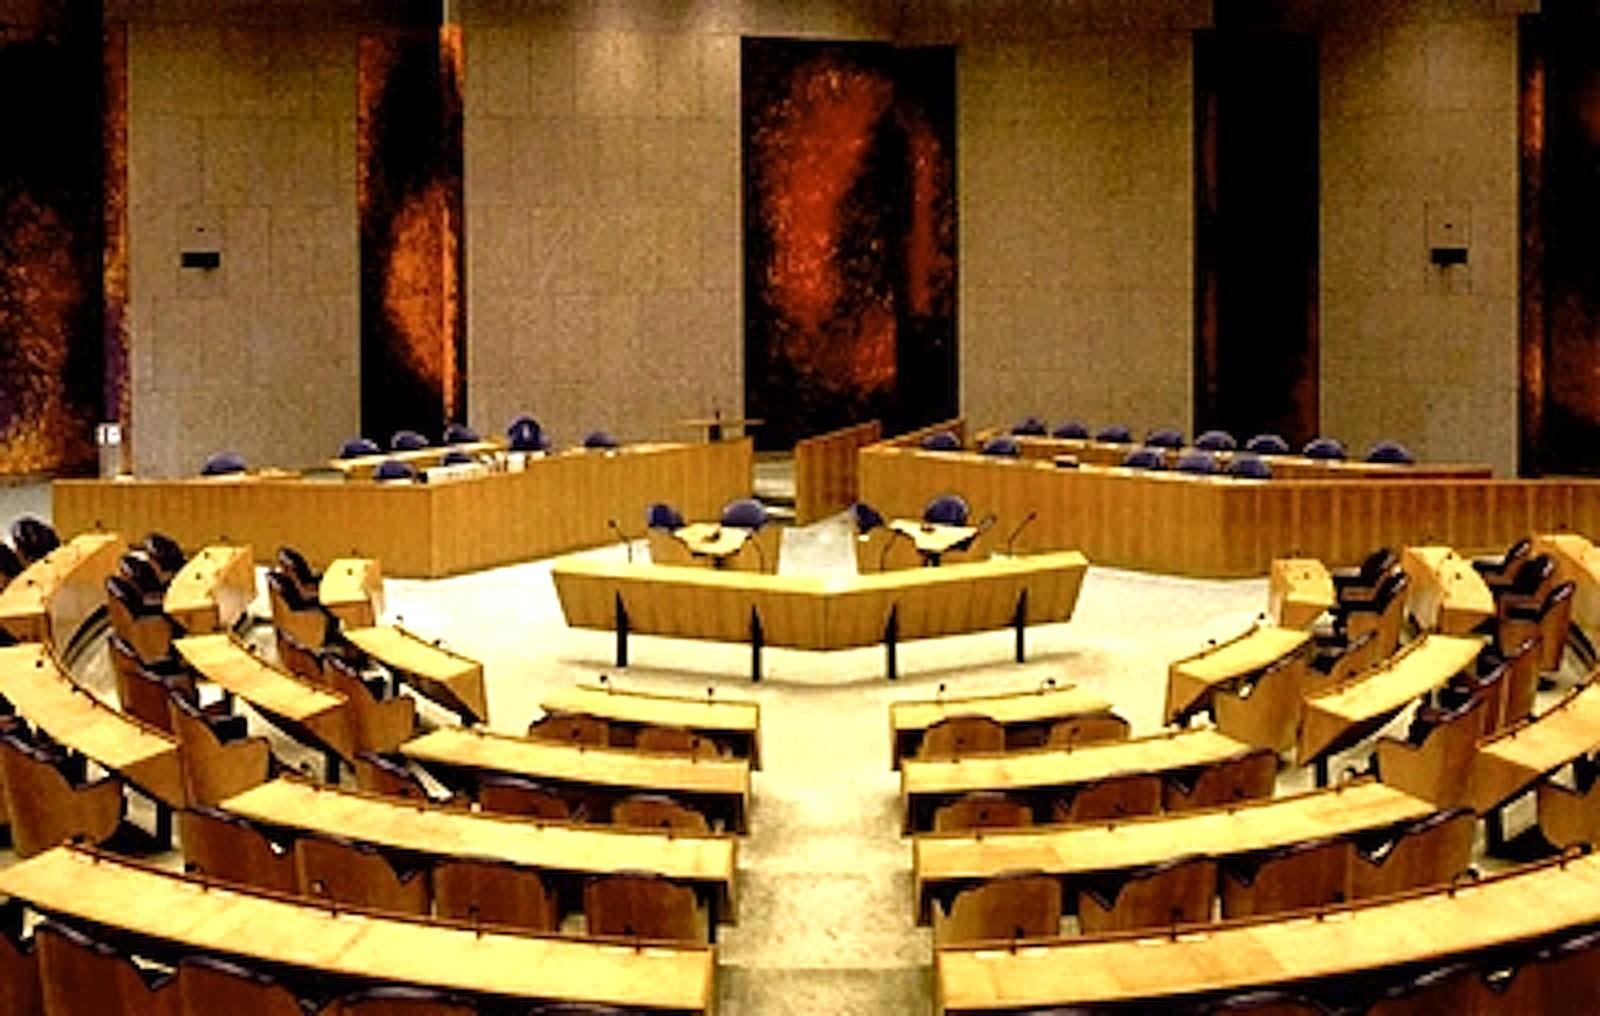 Rudi van de Wint – Tweede Kamer der Staten-Generaal (foto Oerlemans Van Reeken Studio)